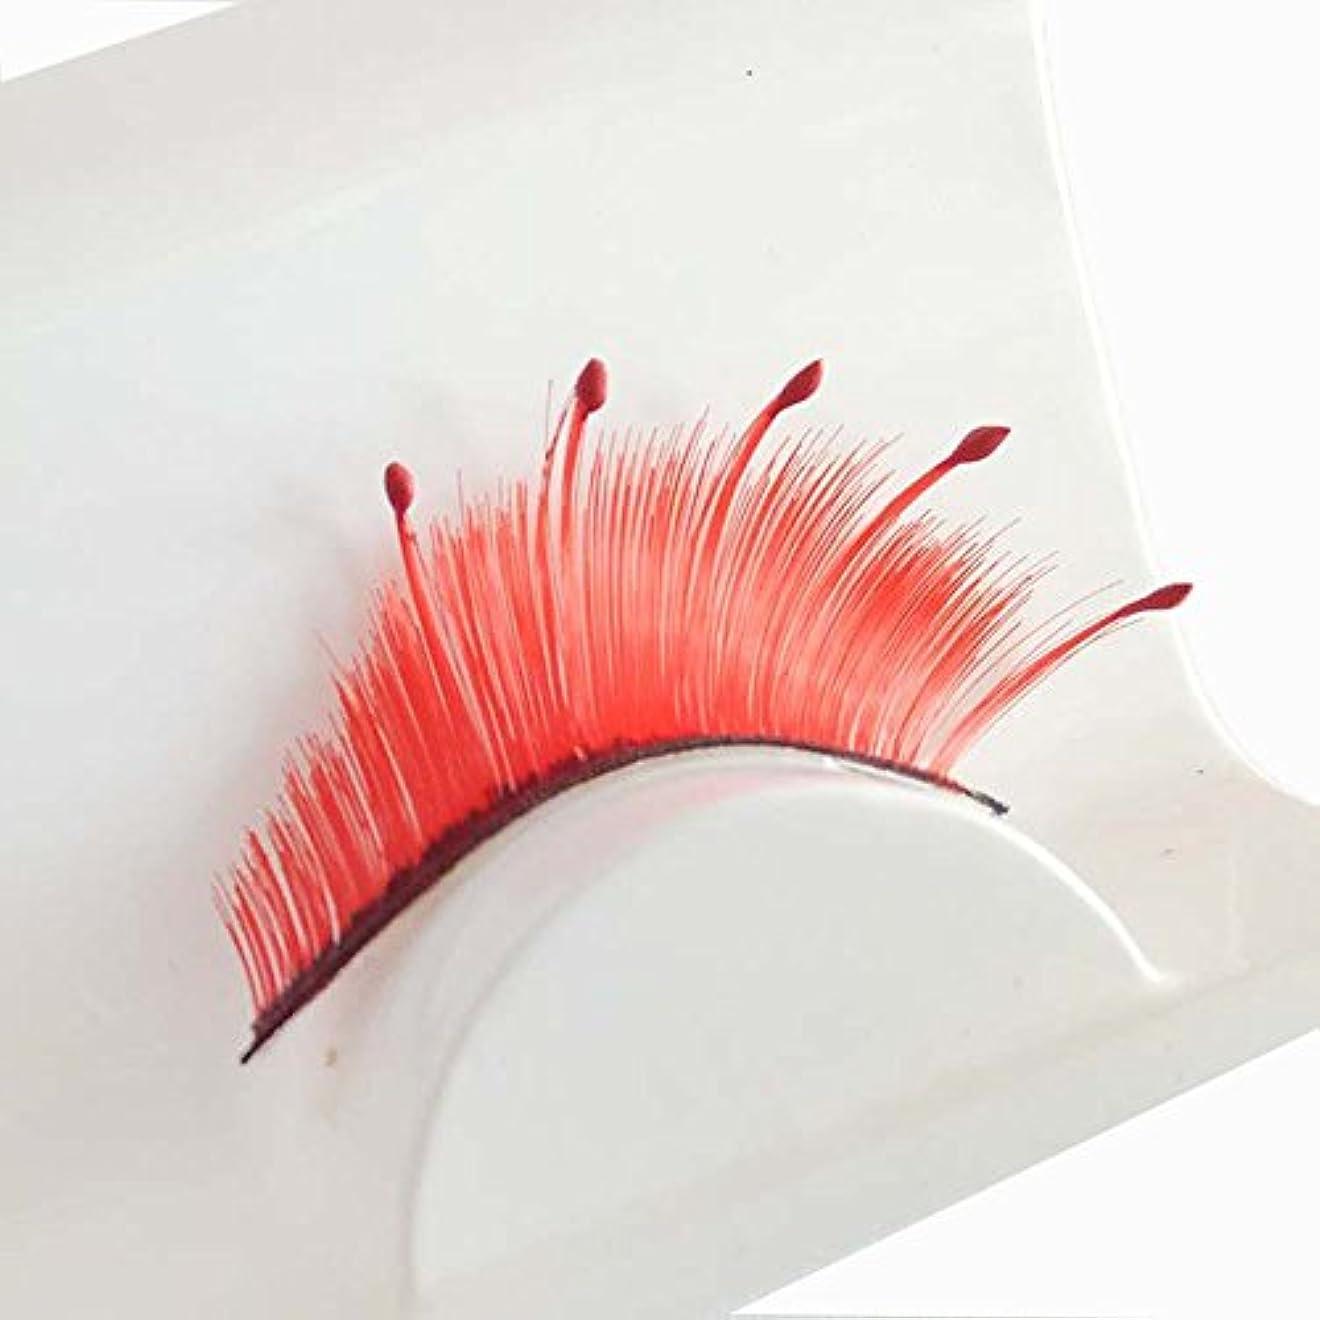 懇願する配管助けて組の女性のハロウィーンパーティー党メイクアップアート赤い波つけまつげ